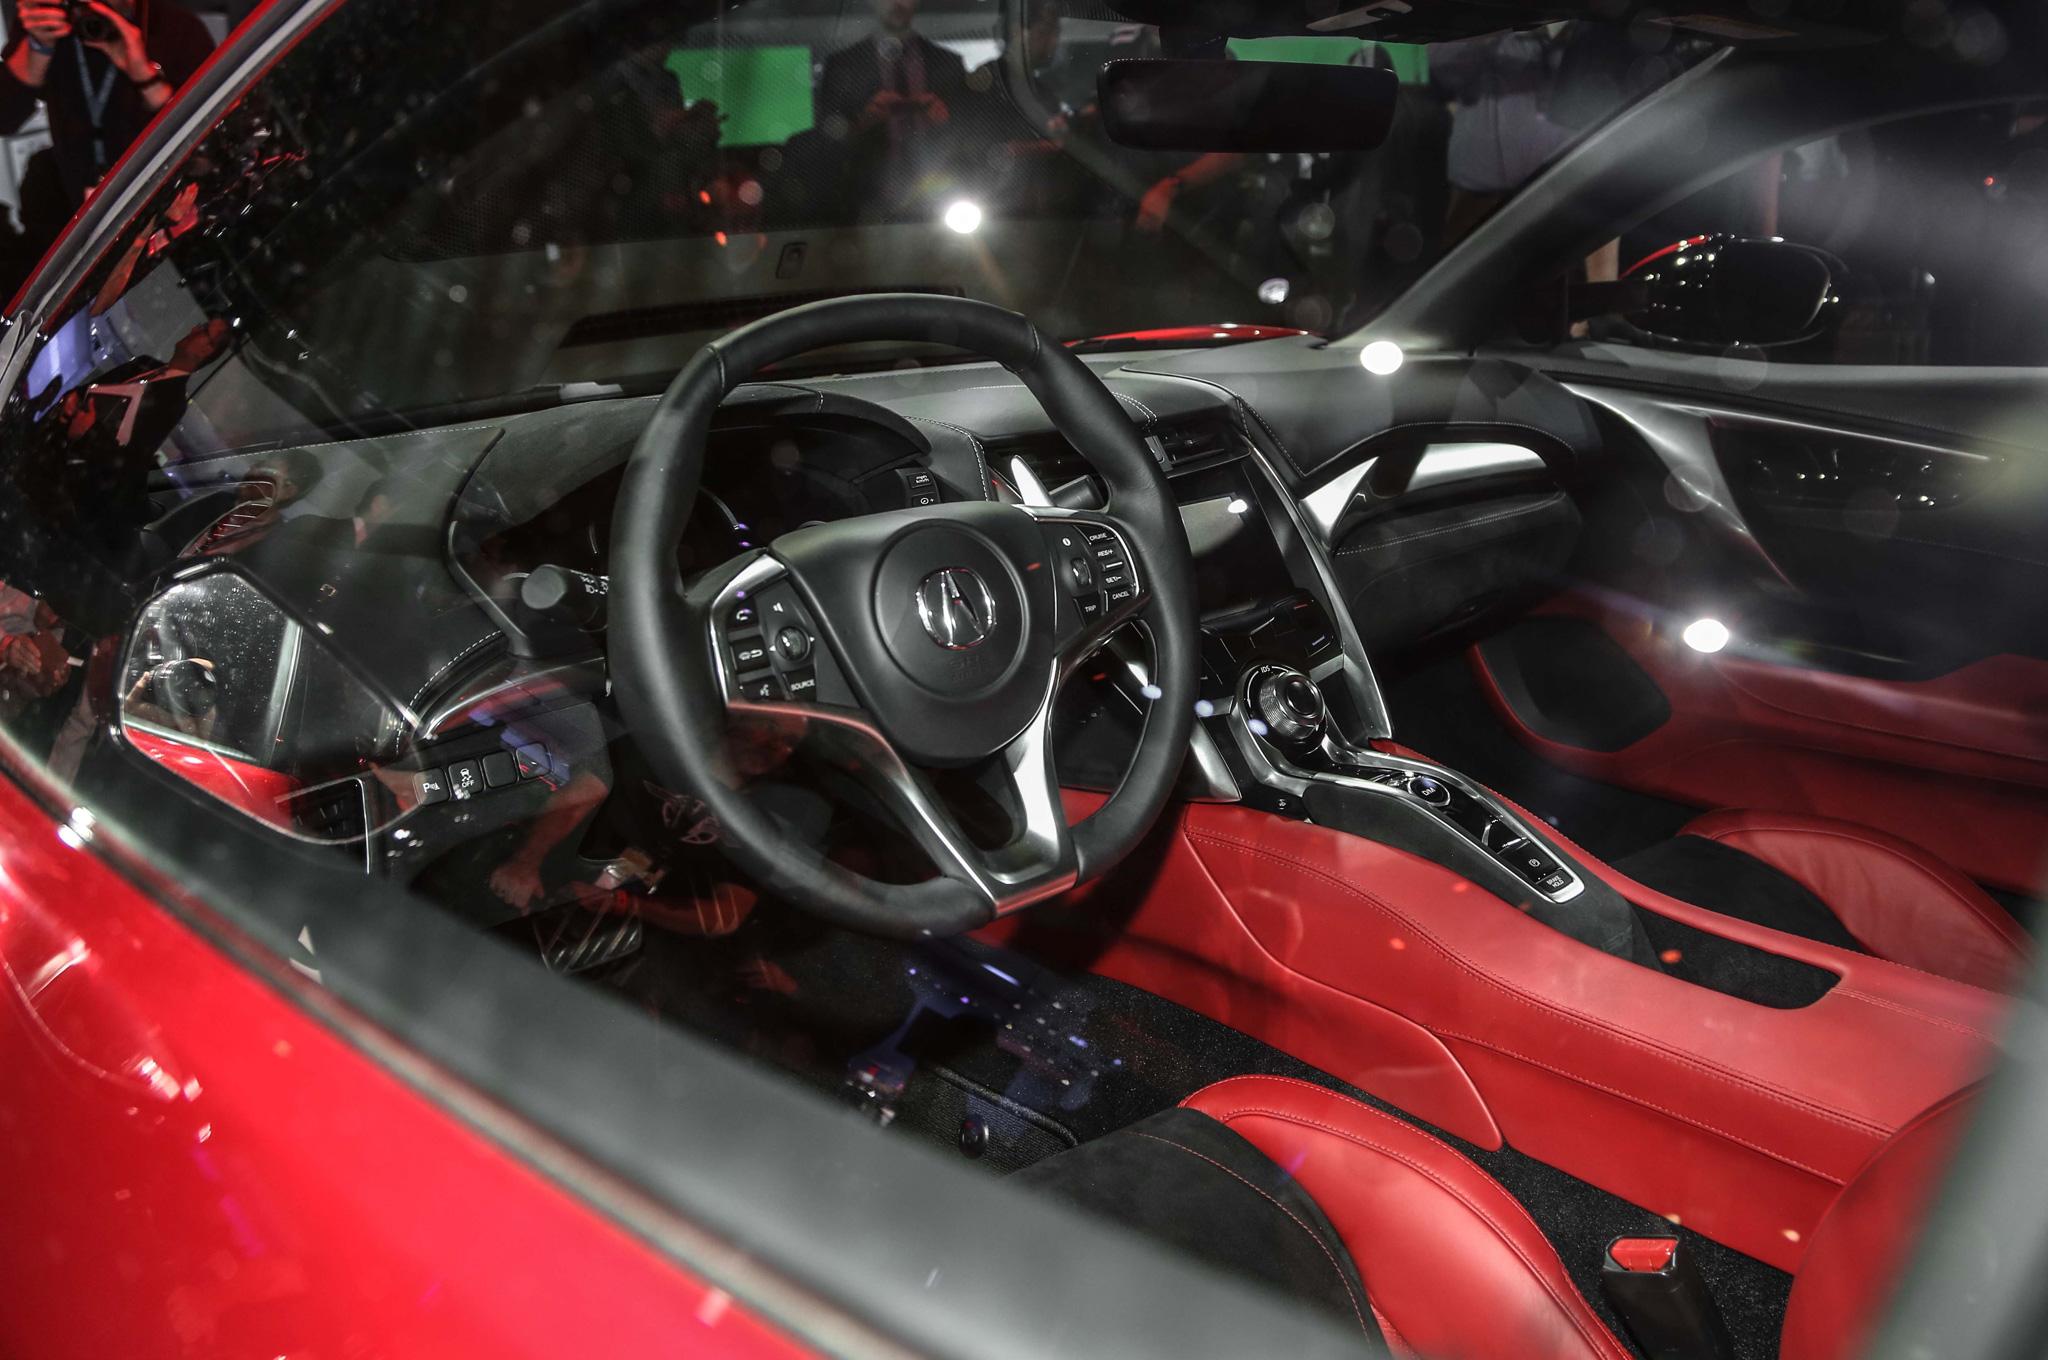 ... 2016 Acura Nsx Interior